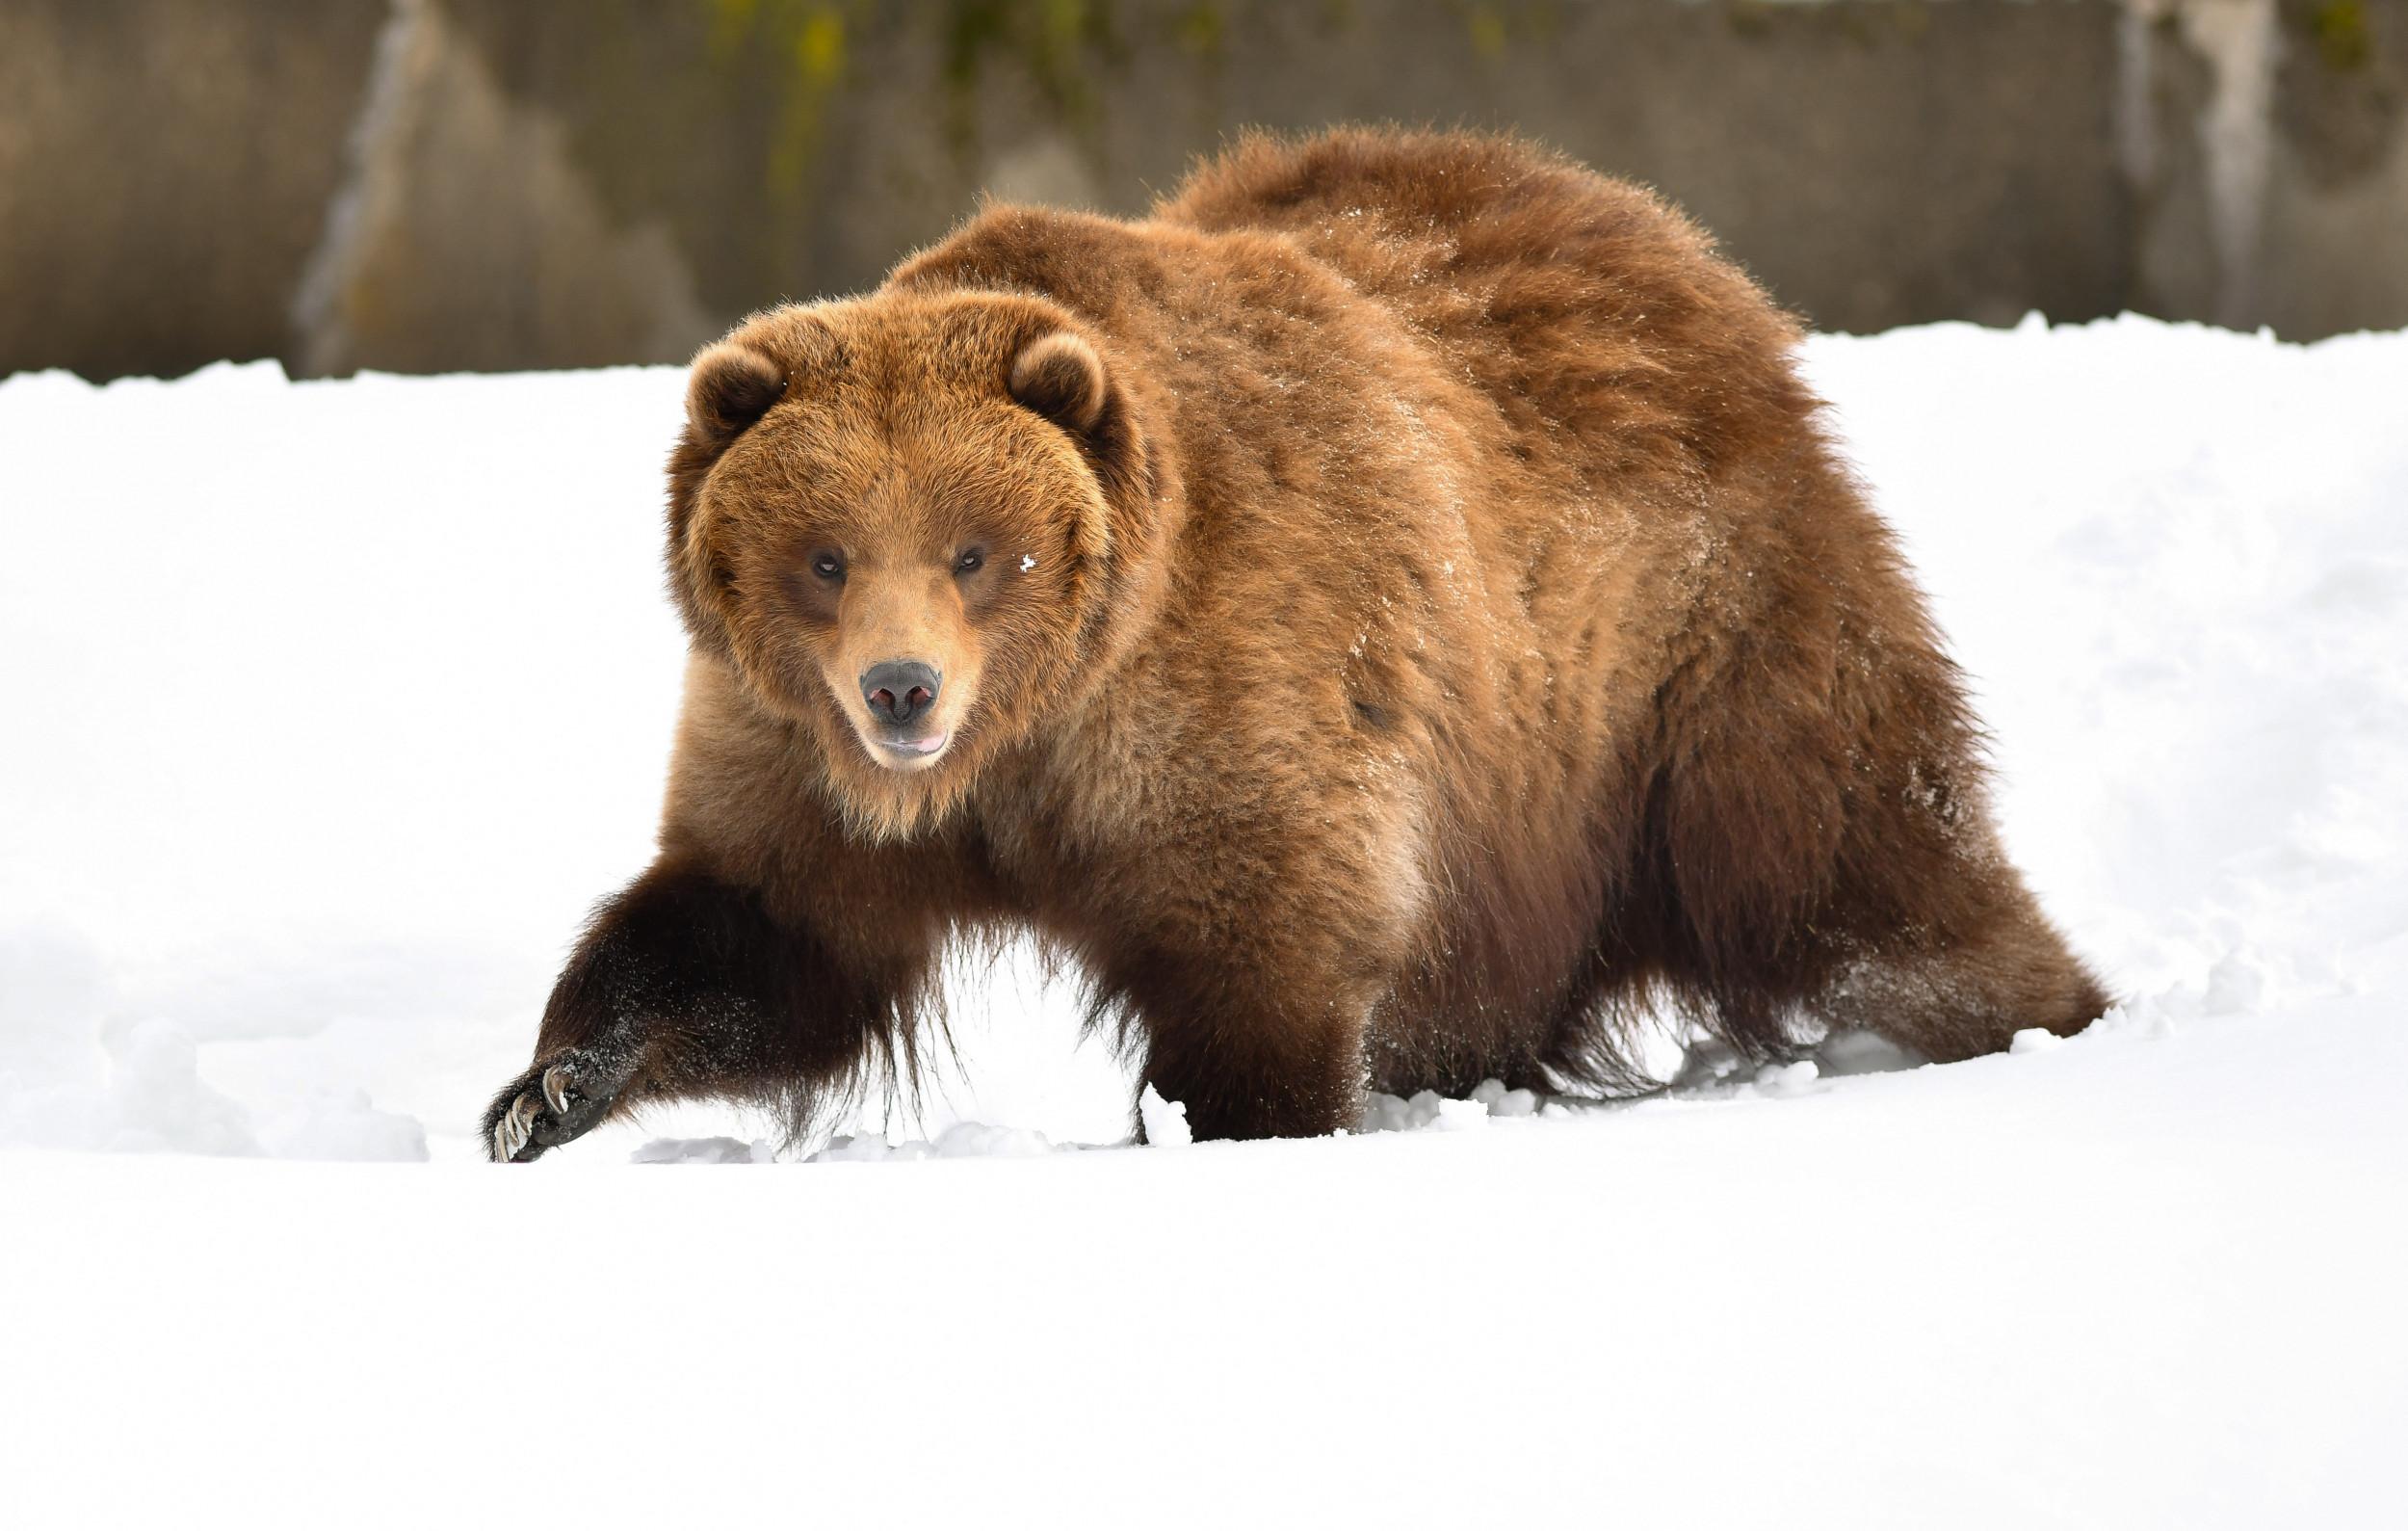 Camper Fined $6,000 for Improper Food Storage After Bear Is Tranquilized